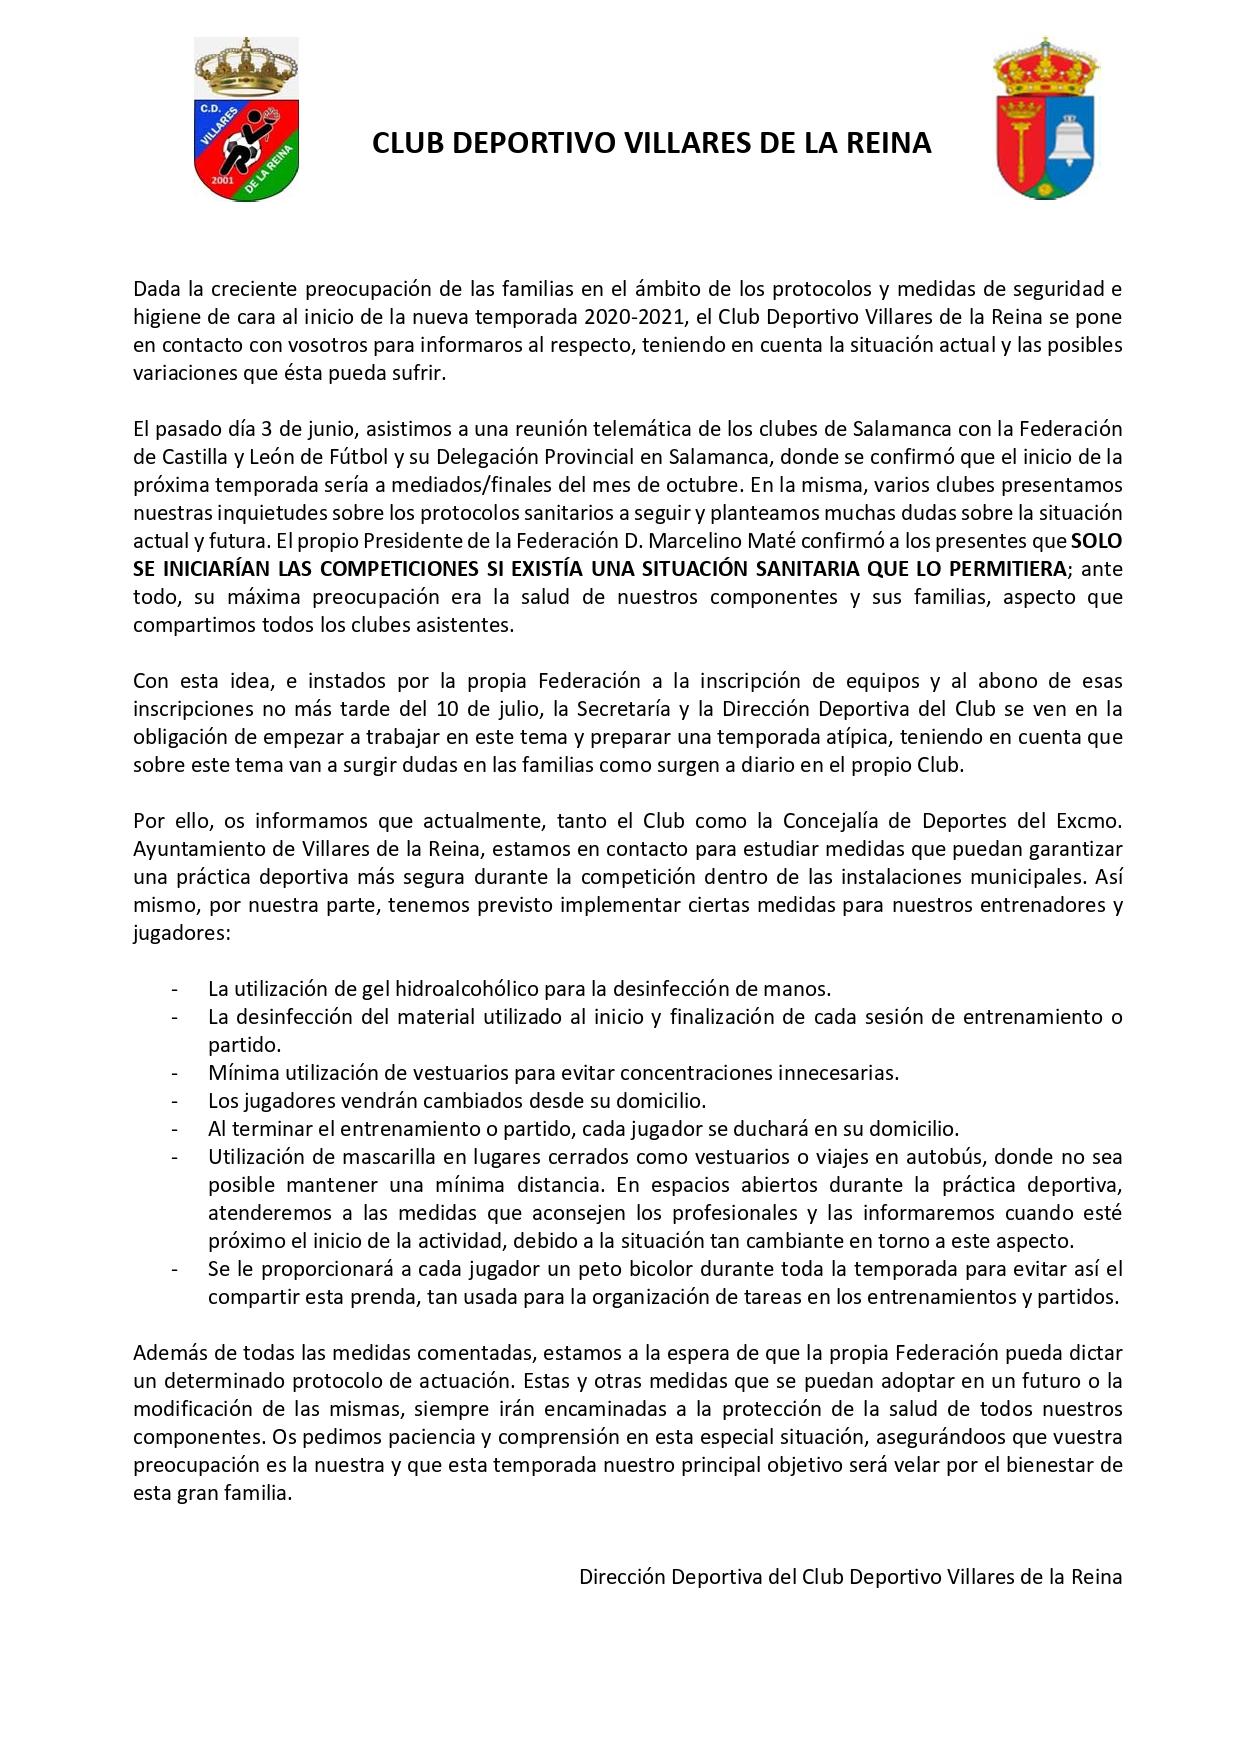 COMUNICADO MEDIDAS DE PROTECCI�N 2020-21